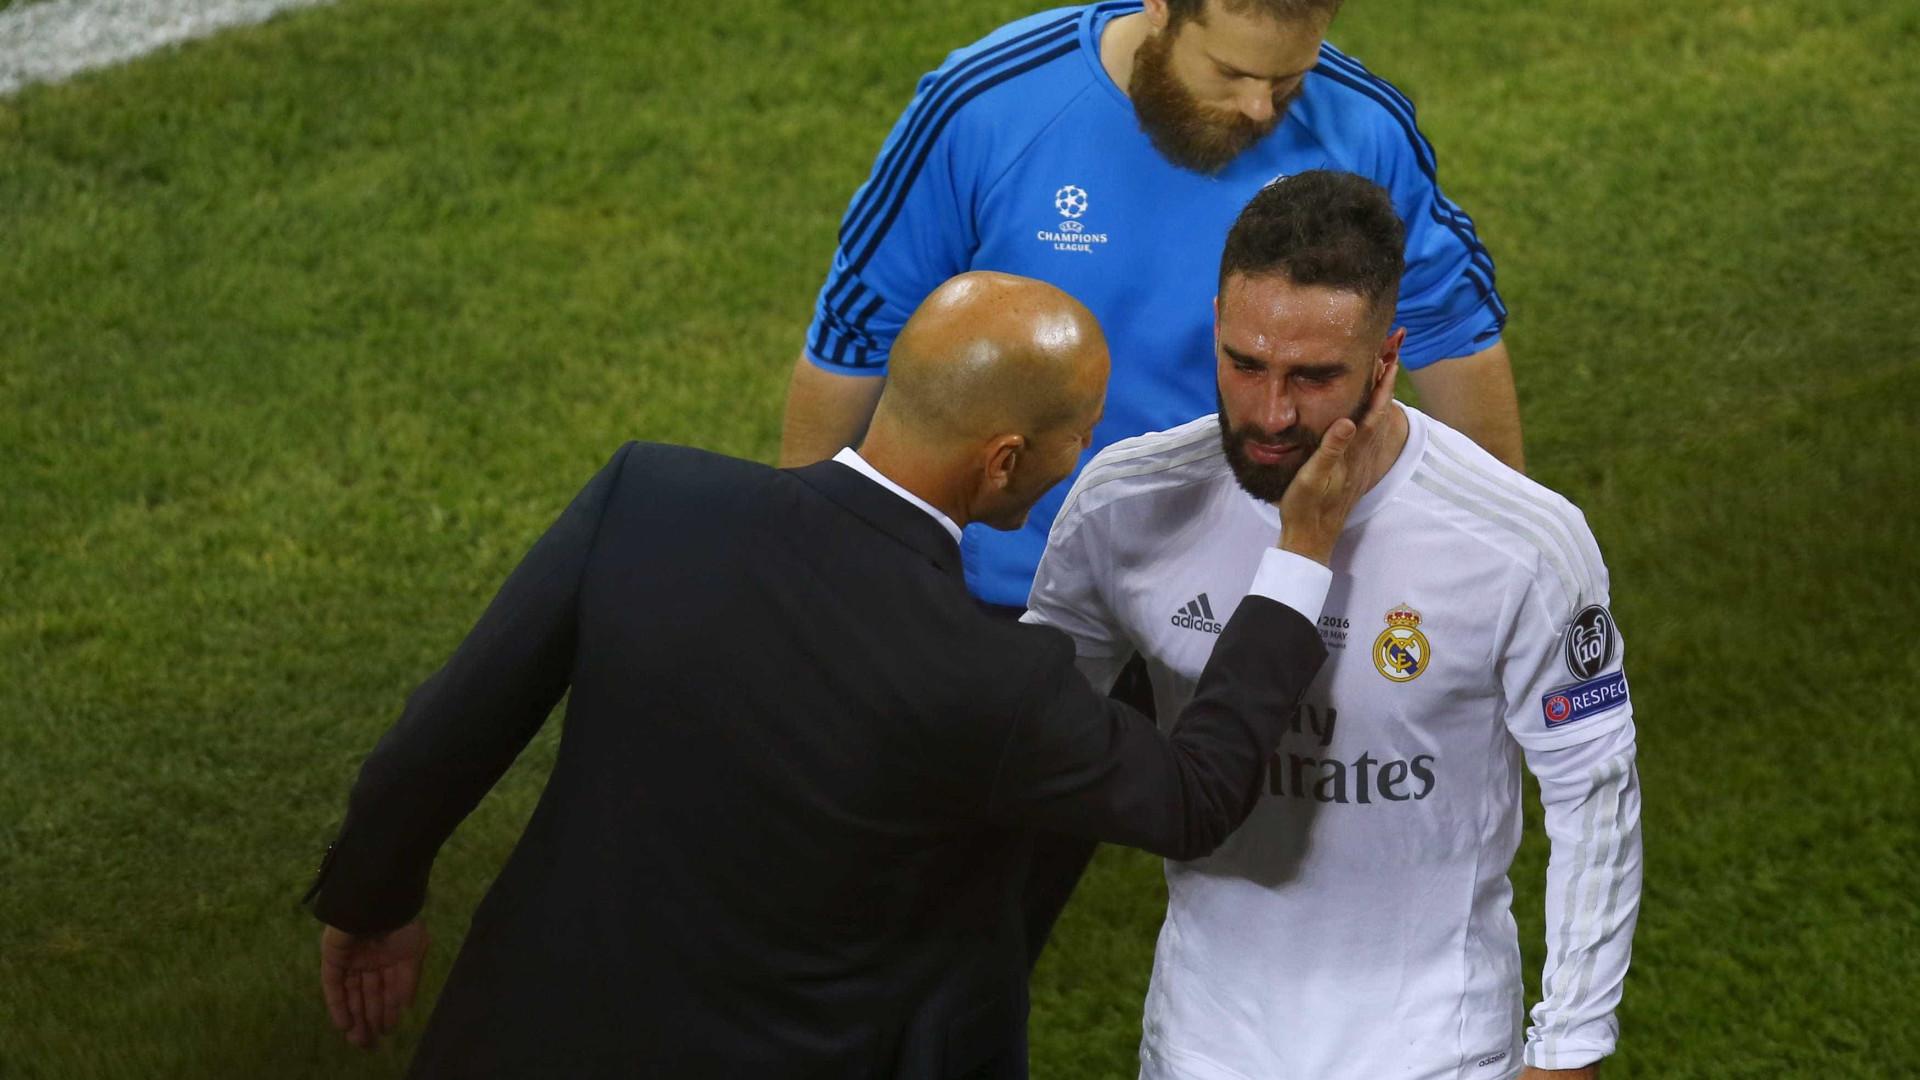 Oficial: Carvajal mantêm-se no Real Madrid até 2022